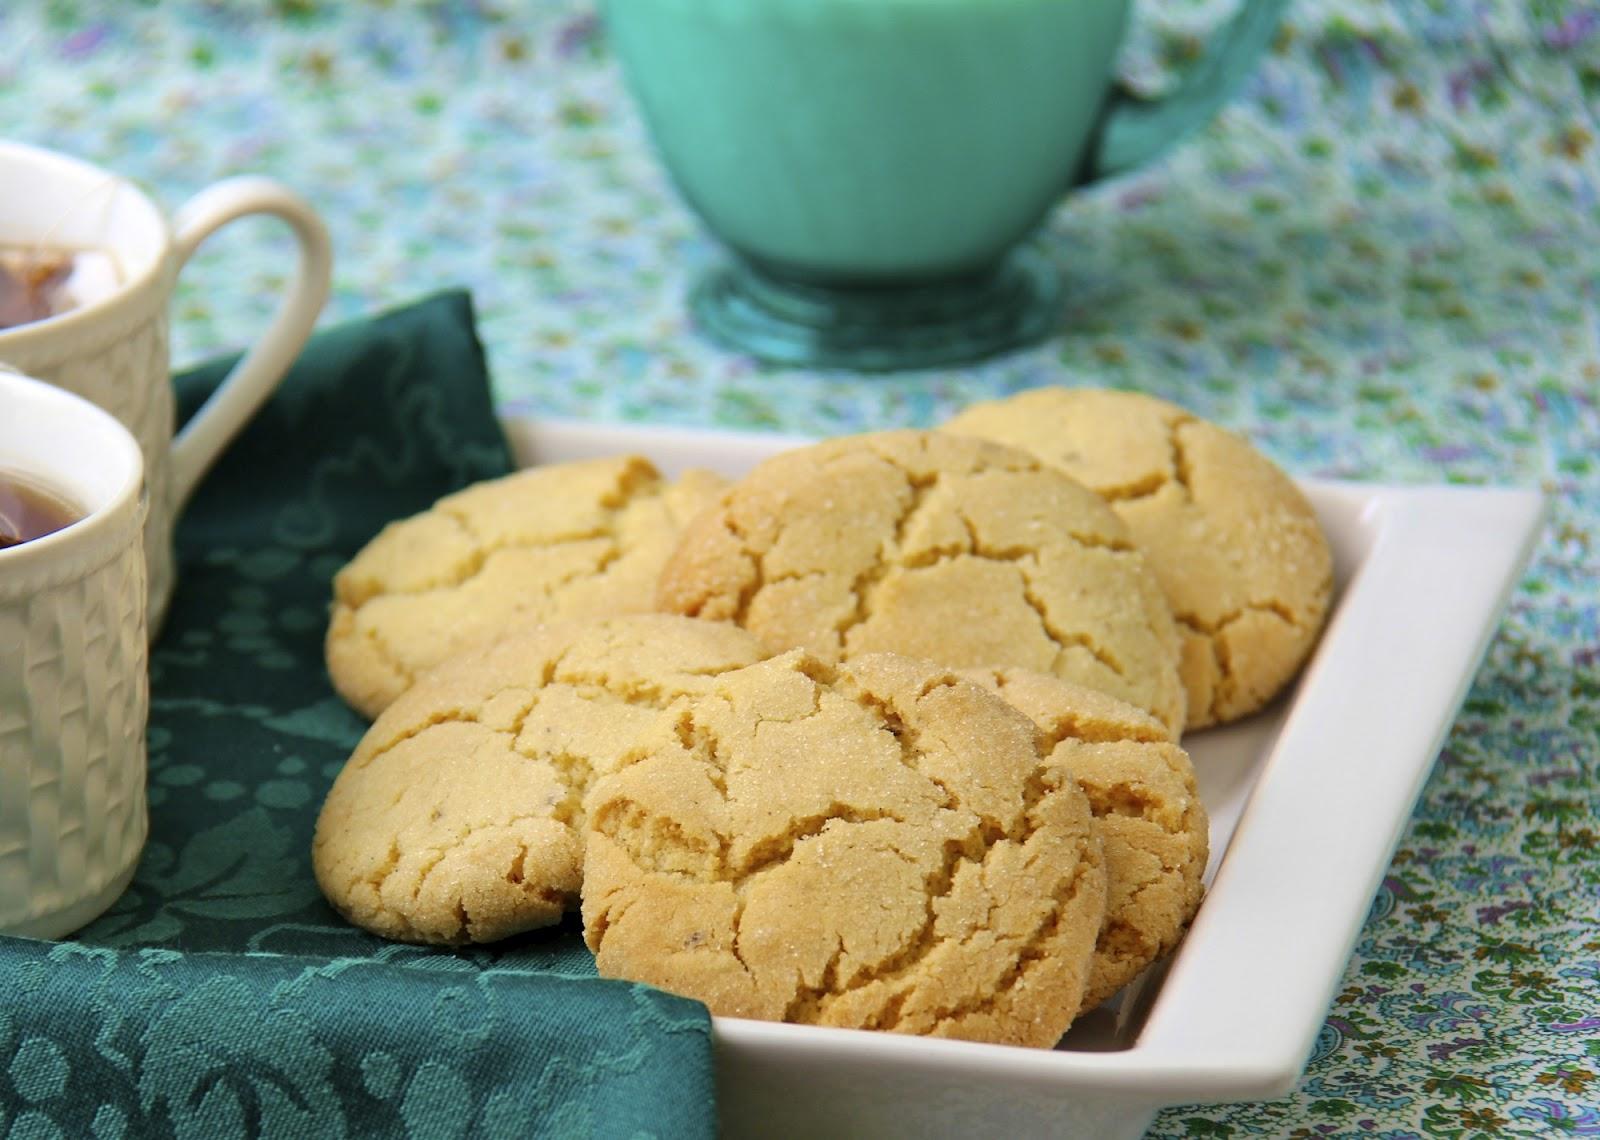 Crinkly, Crackly Vanilla Bean Sugar Cookies - thecafesucrefarine.com